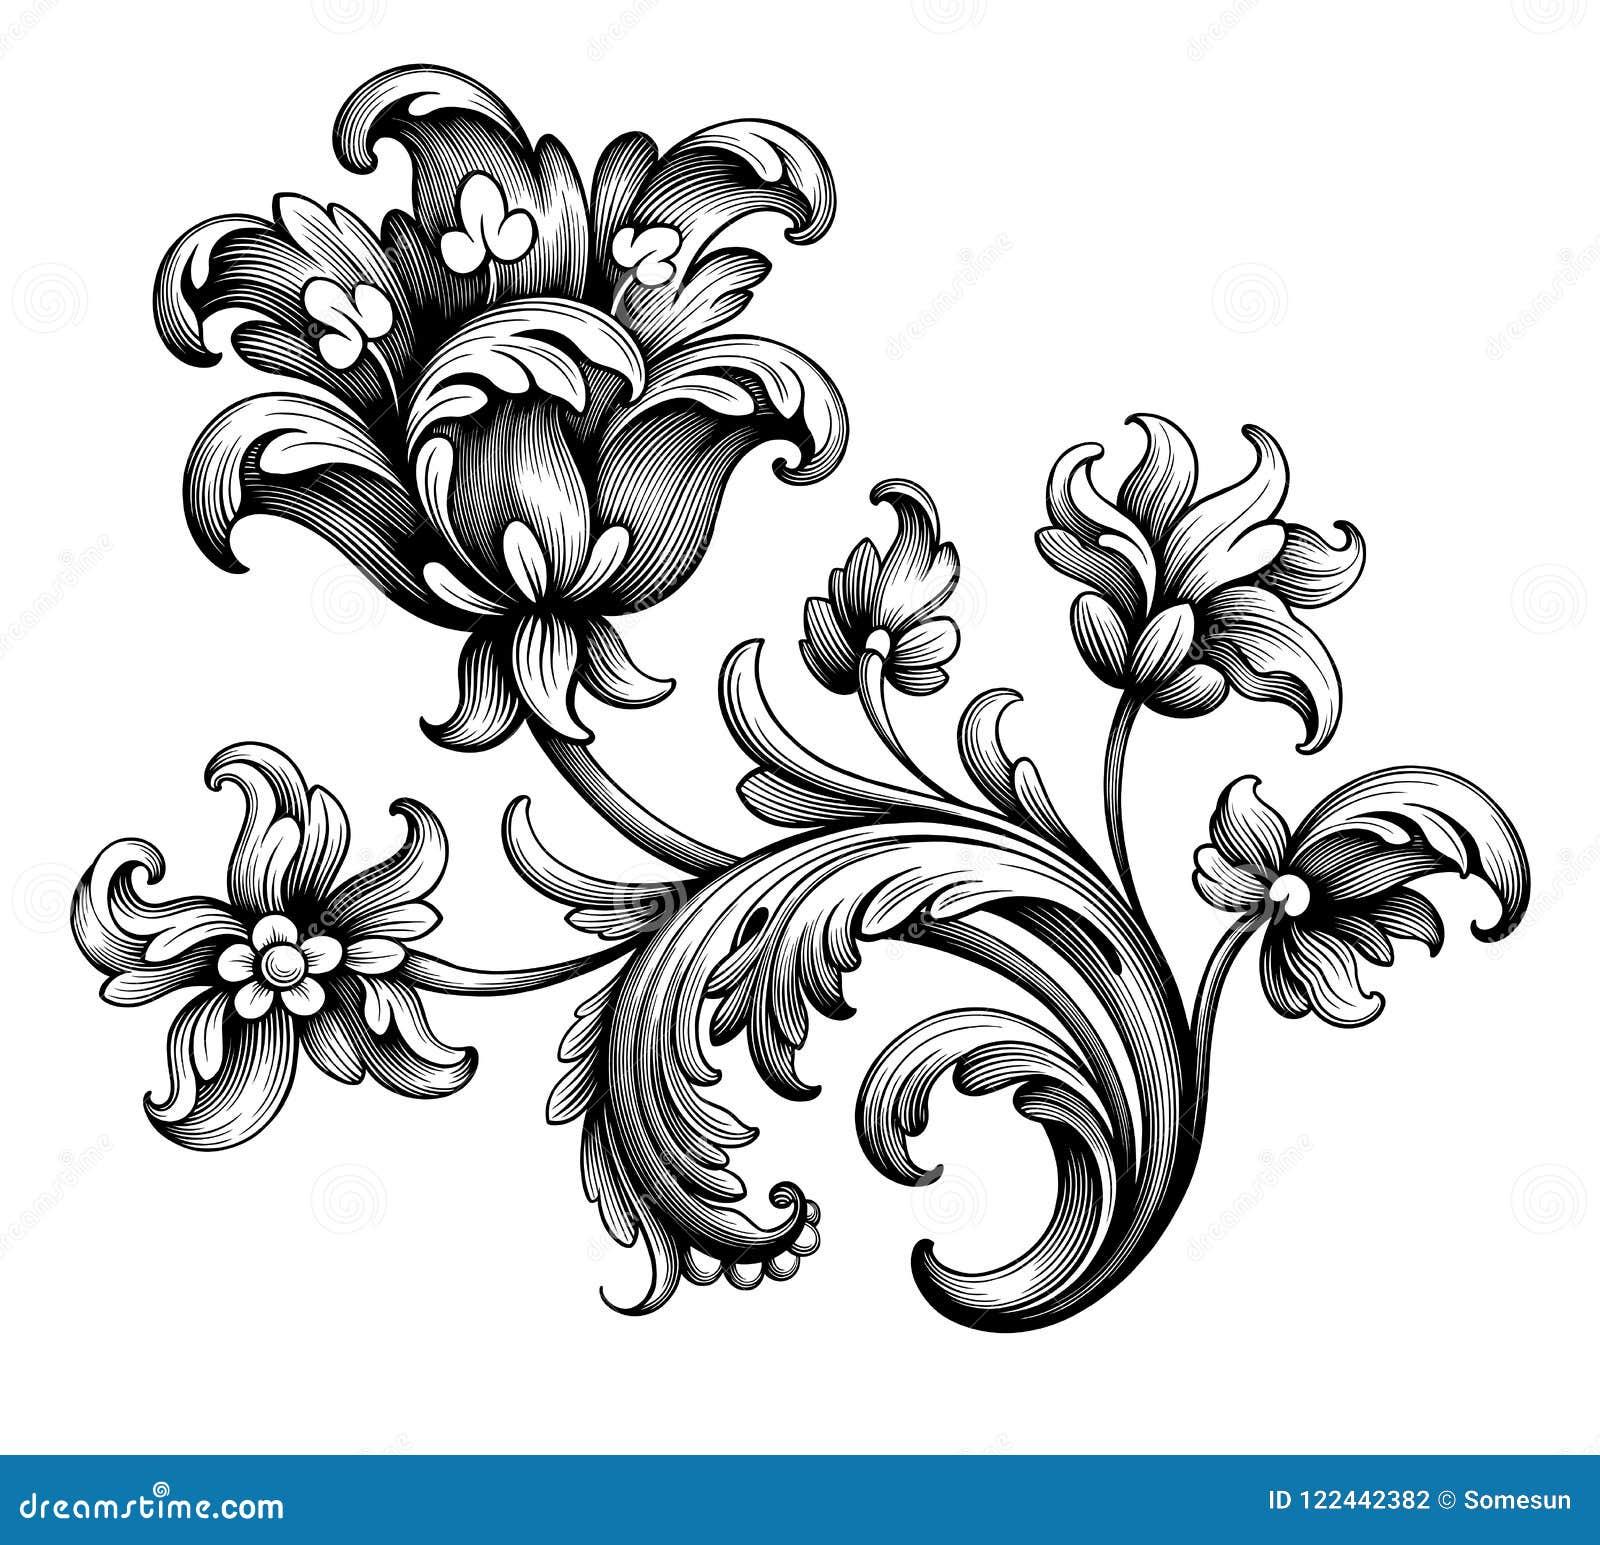 Rahmengrenzblumenverzierungsrolle der Tulpenpfingstrosenblumenweinlese gravierte barocke viktorianische mit Filigran geschmückten